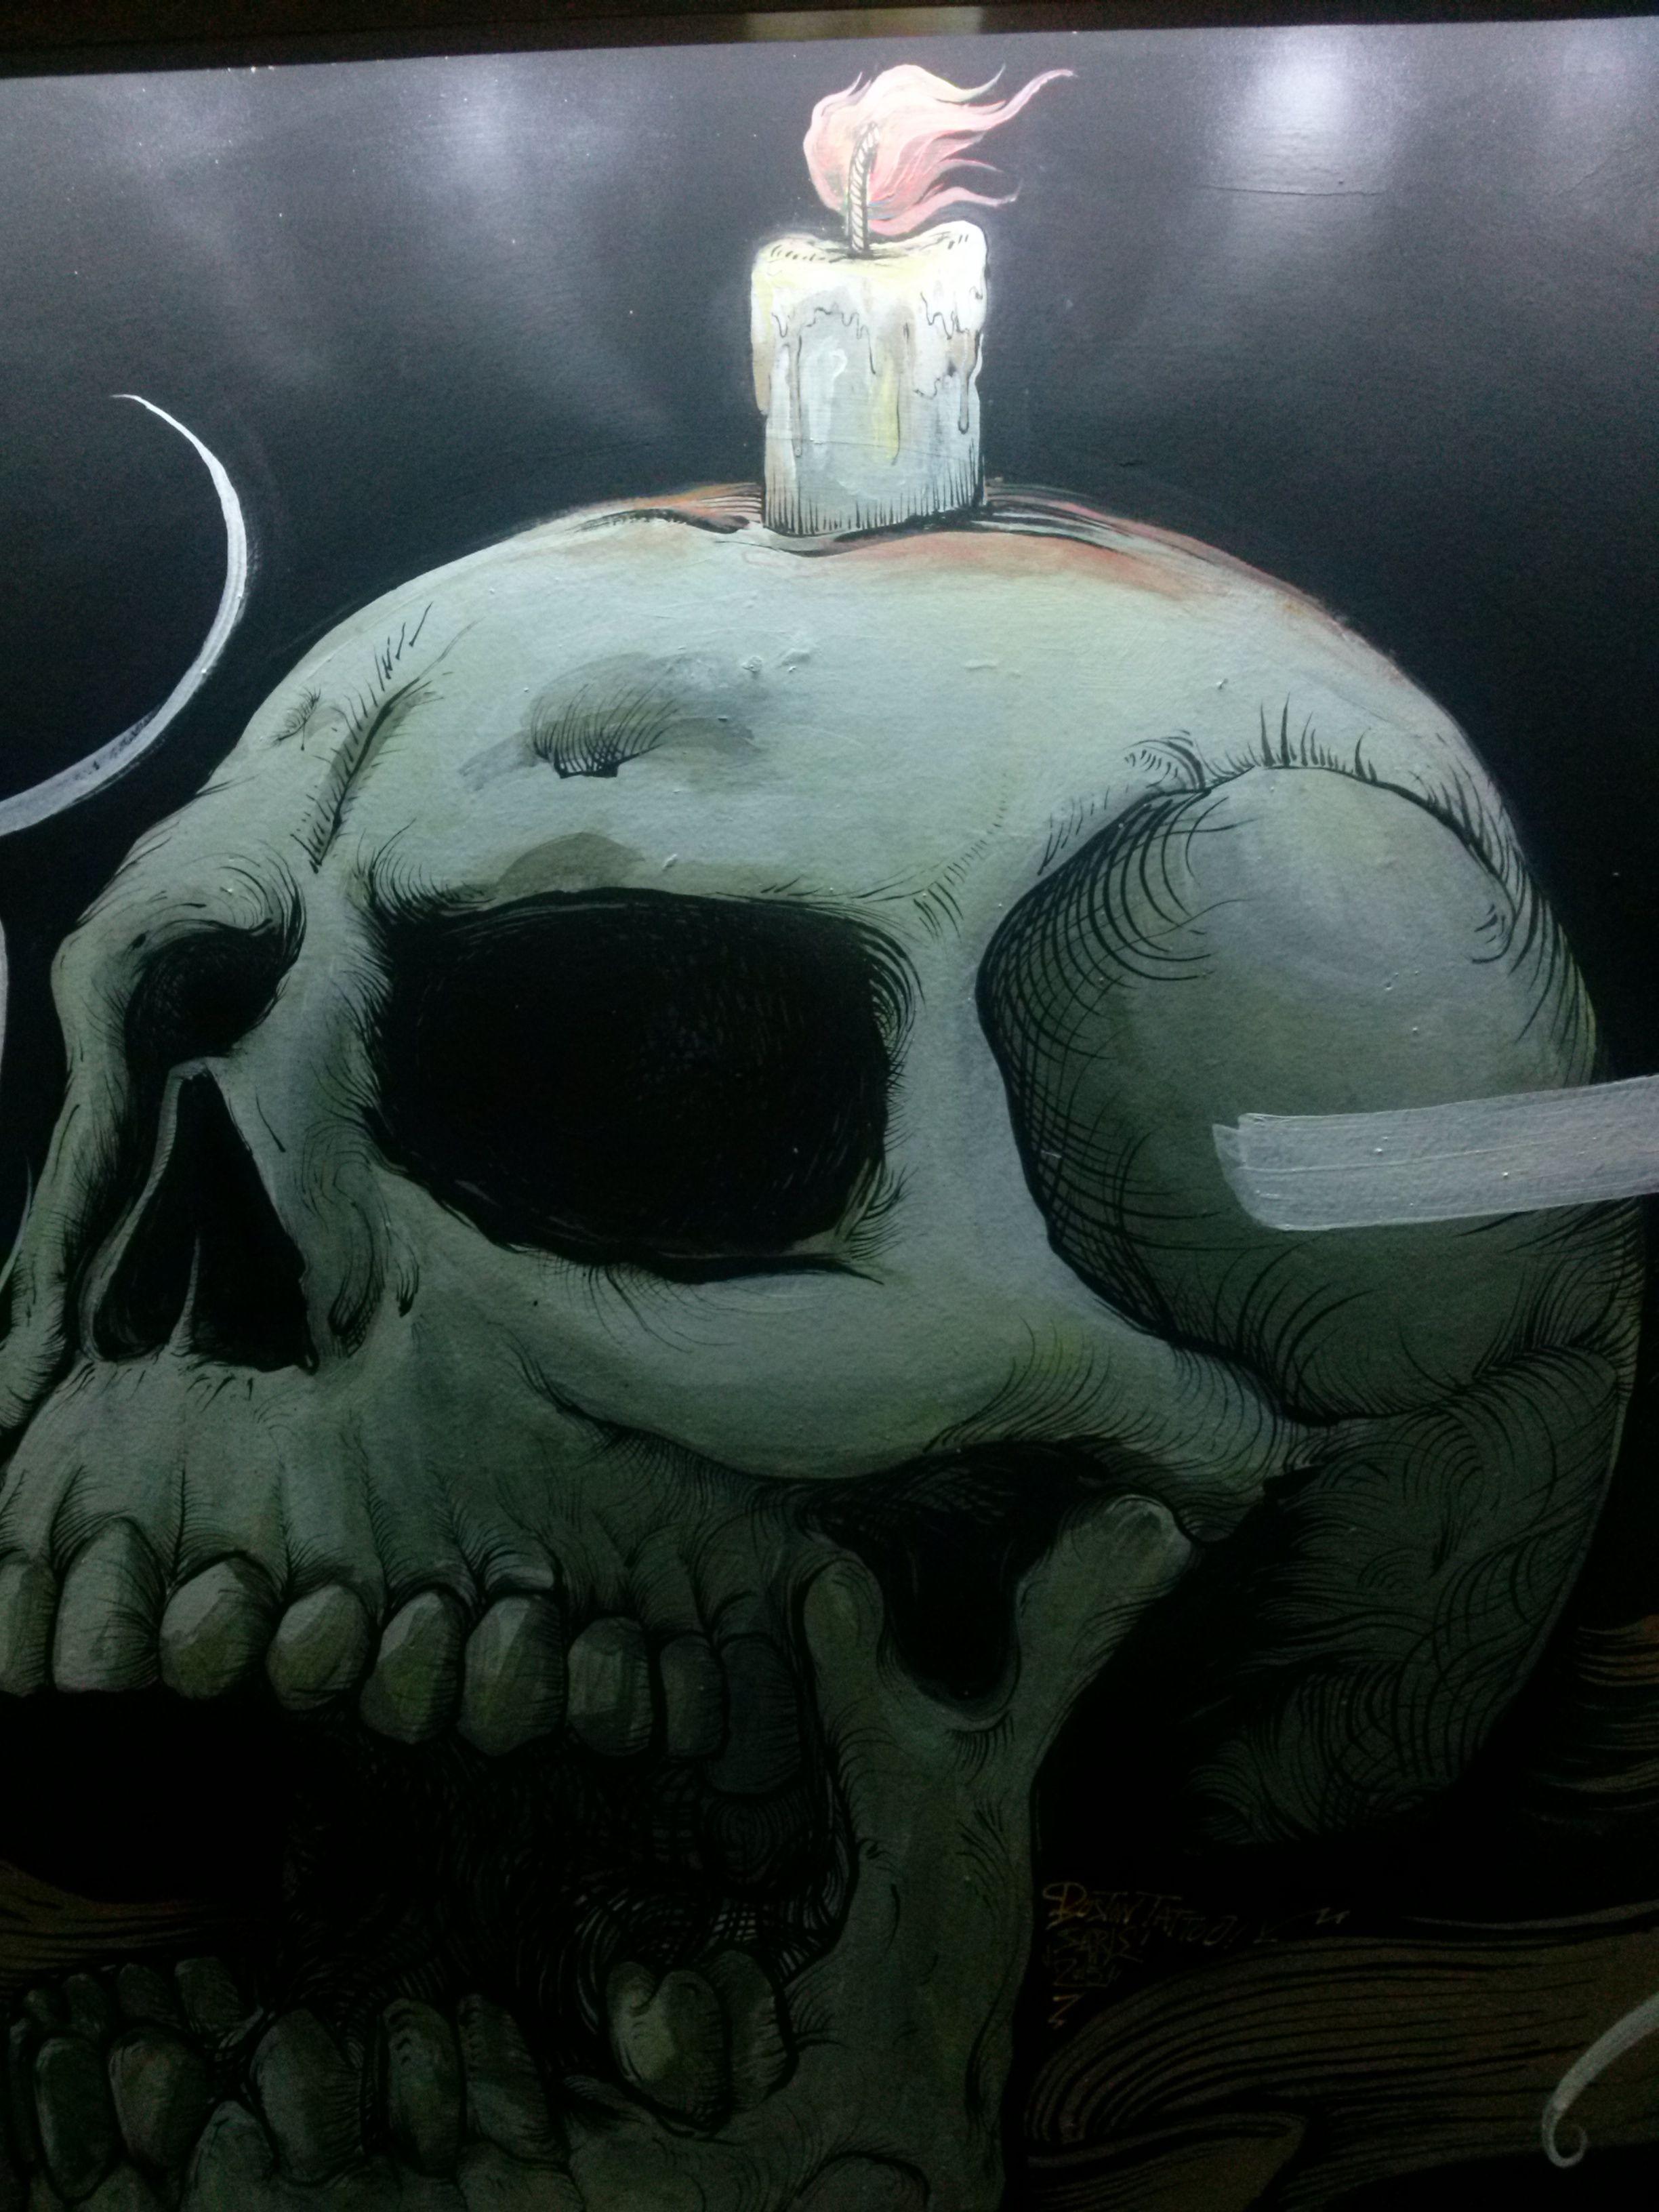 #Sable #Skull #calavera #craneo #Sable1 #ashurado